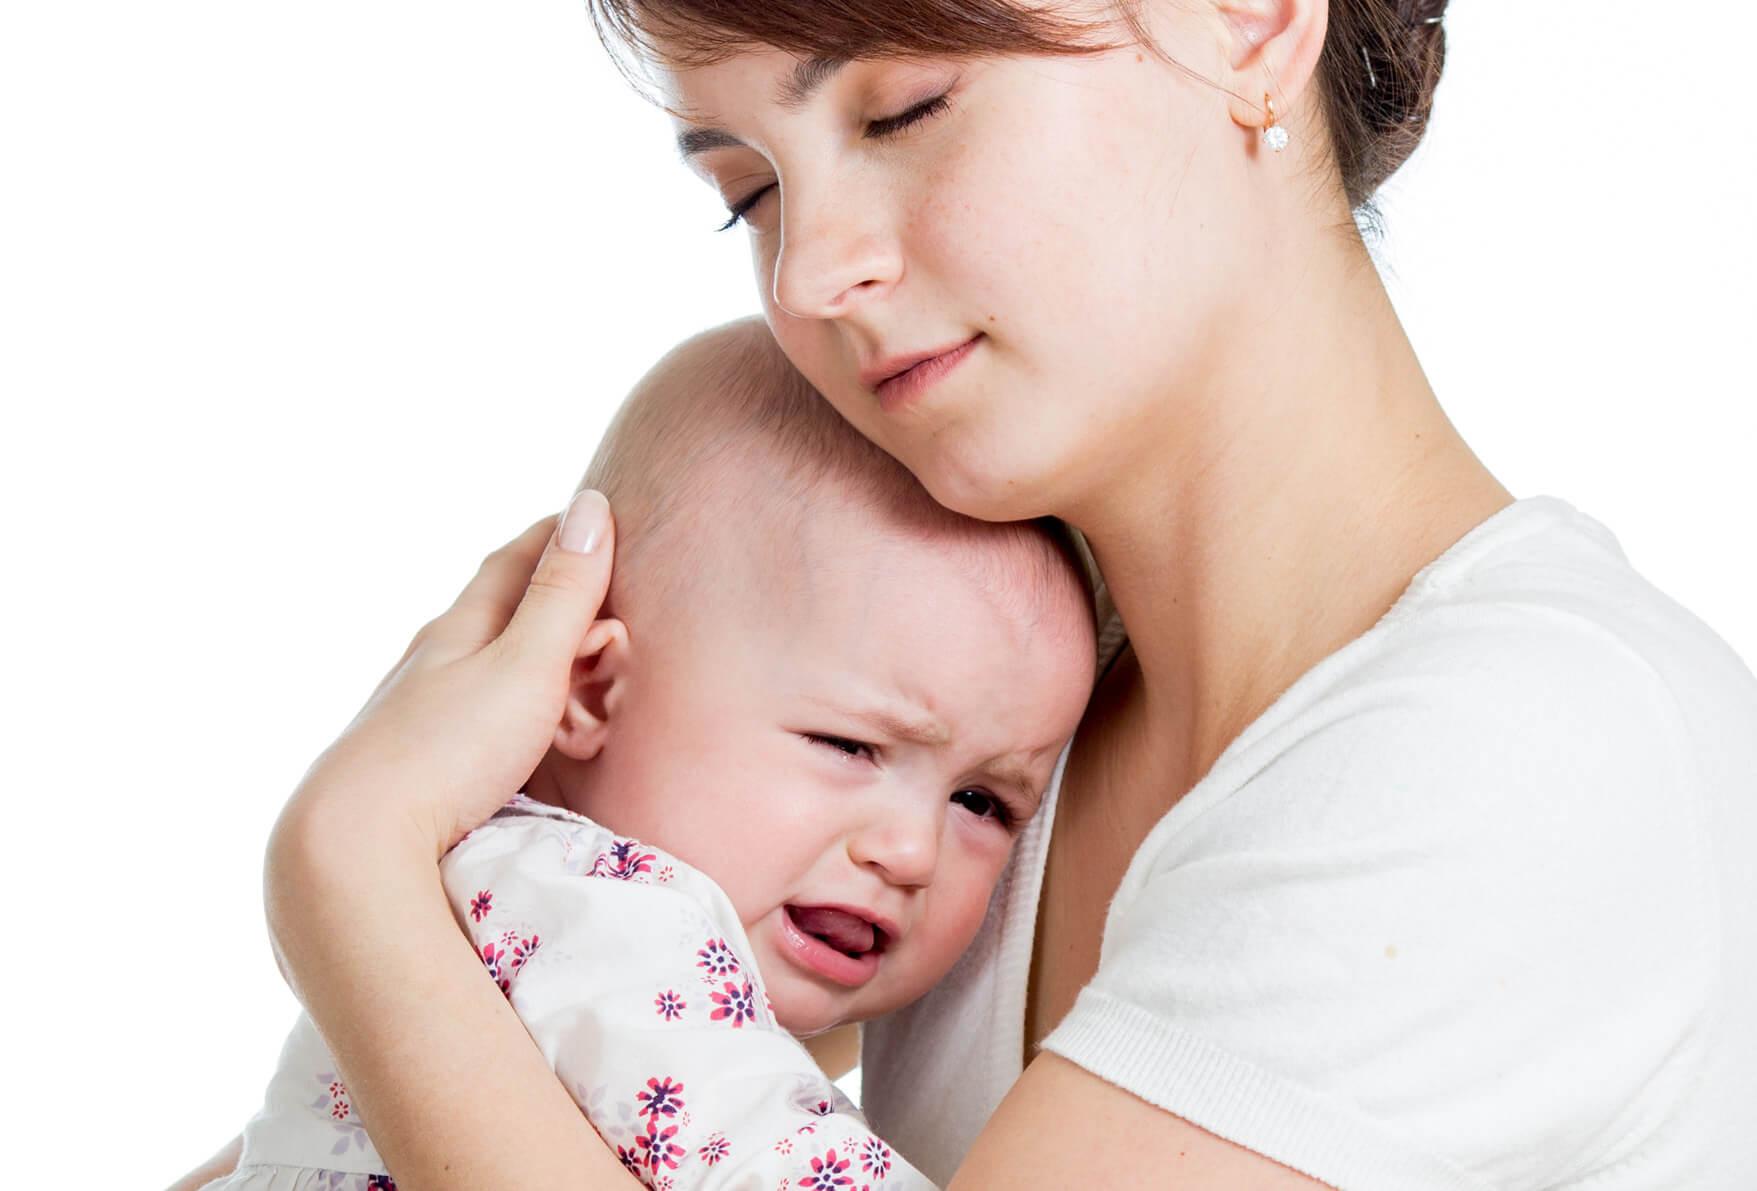 Лучшие лекарства от кашля для детей до года: виды препаратов и правильное применение